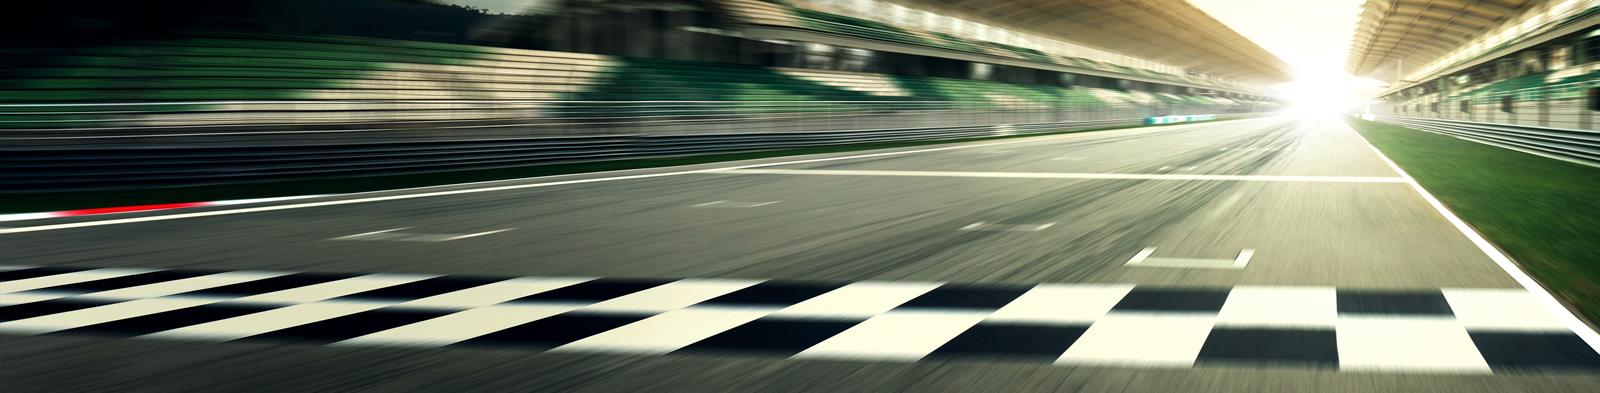 Racetrack finishing line